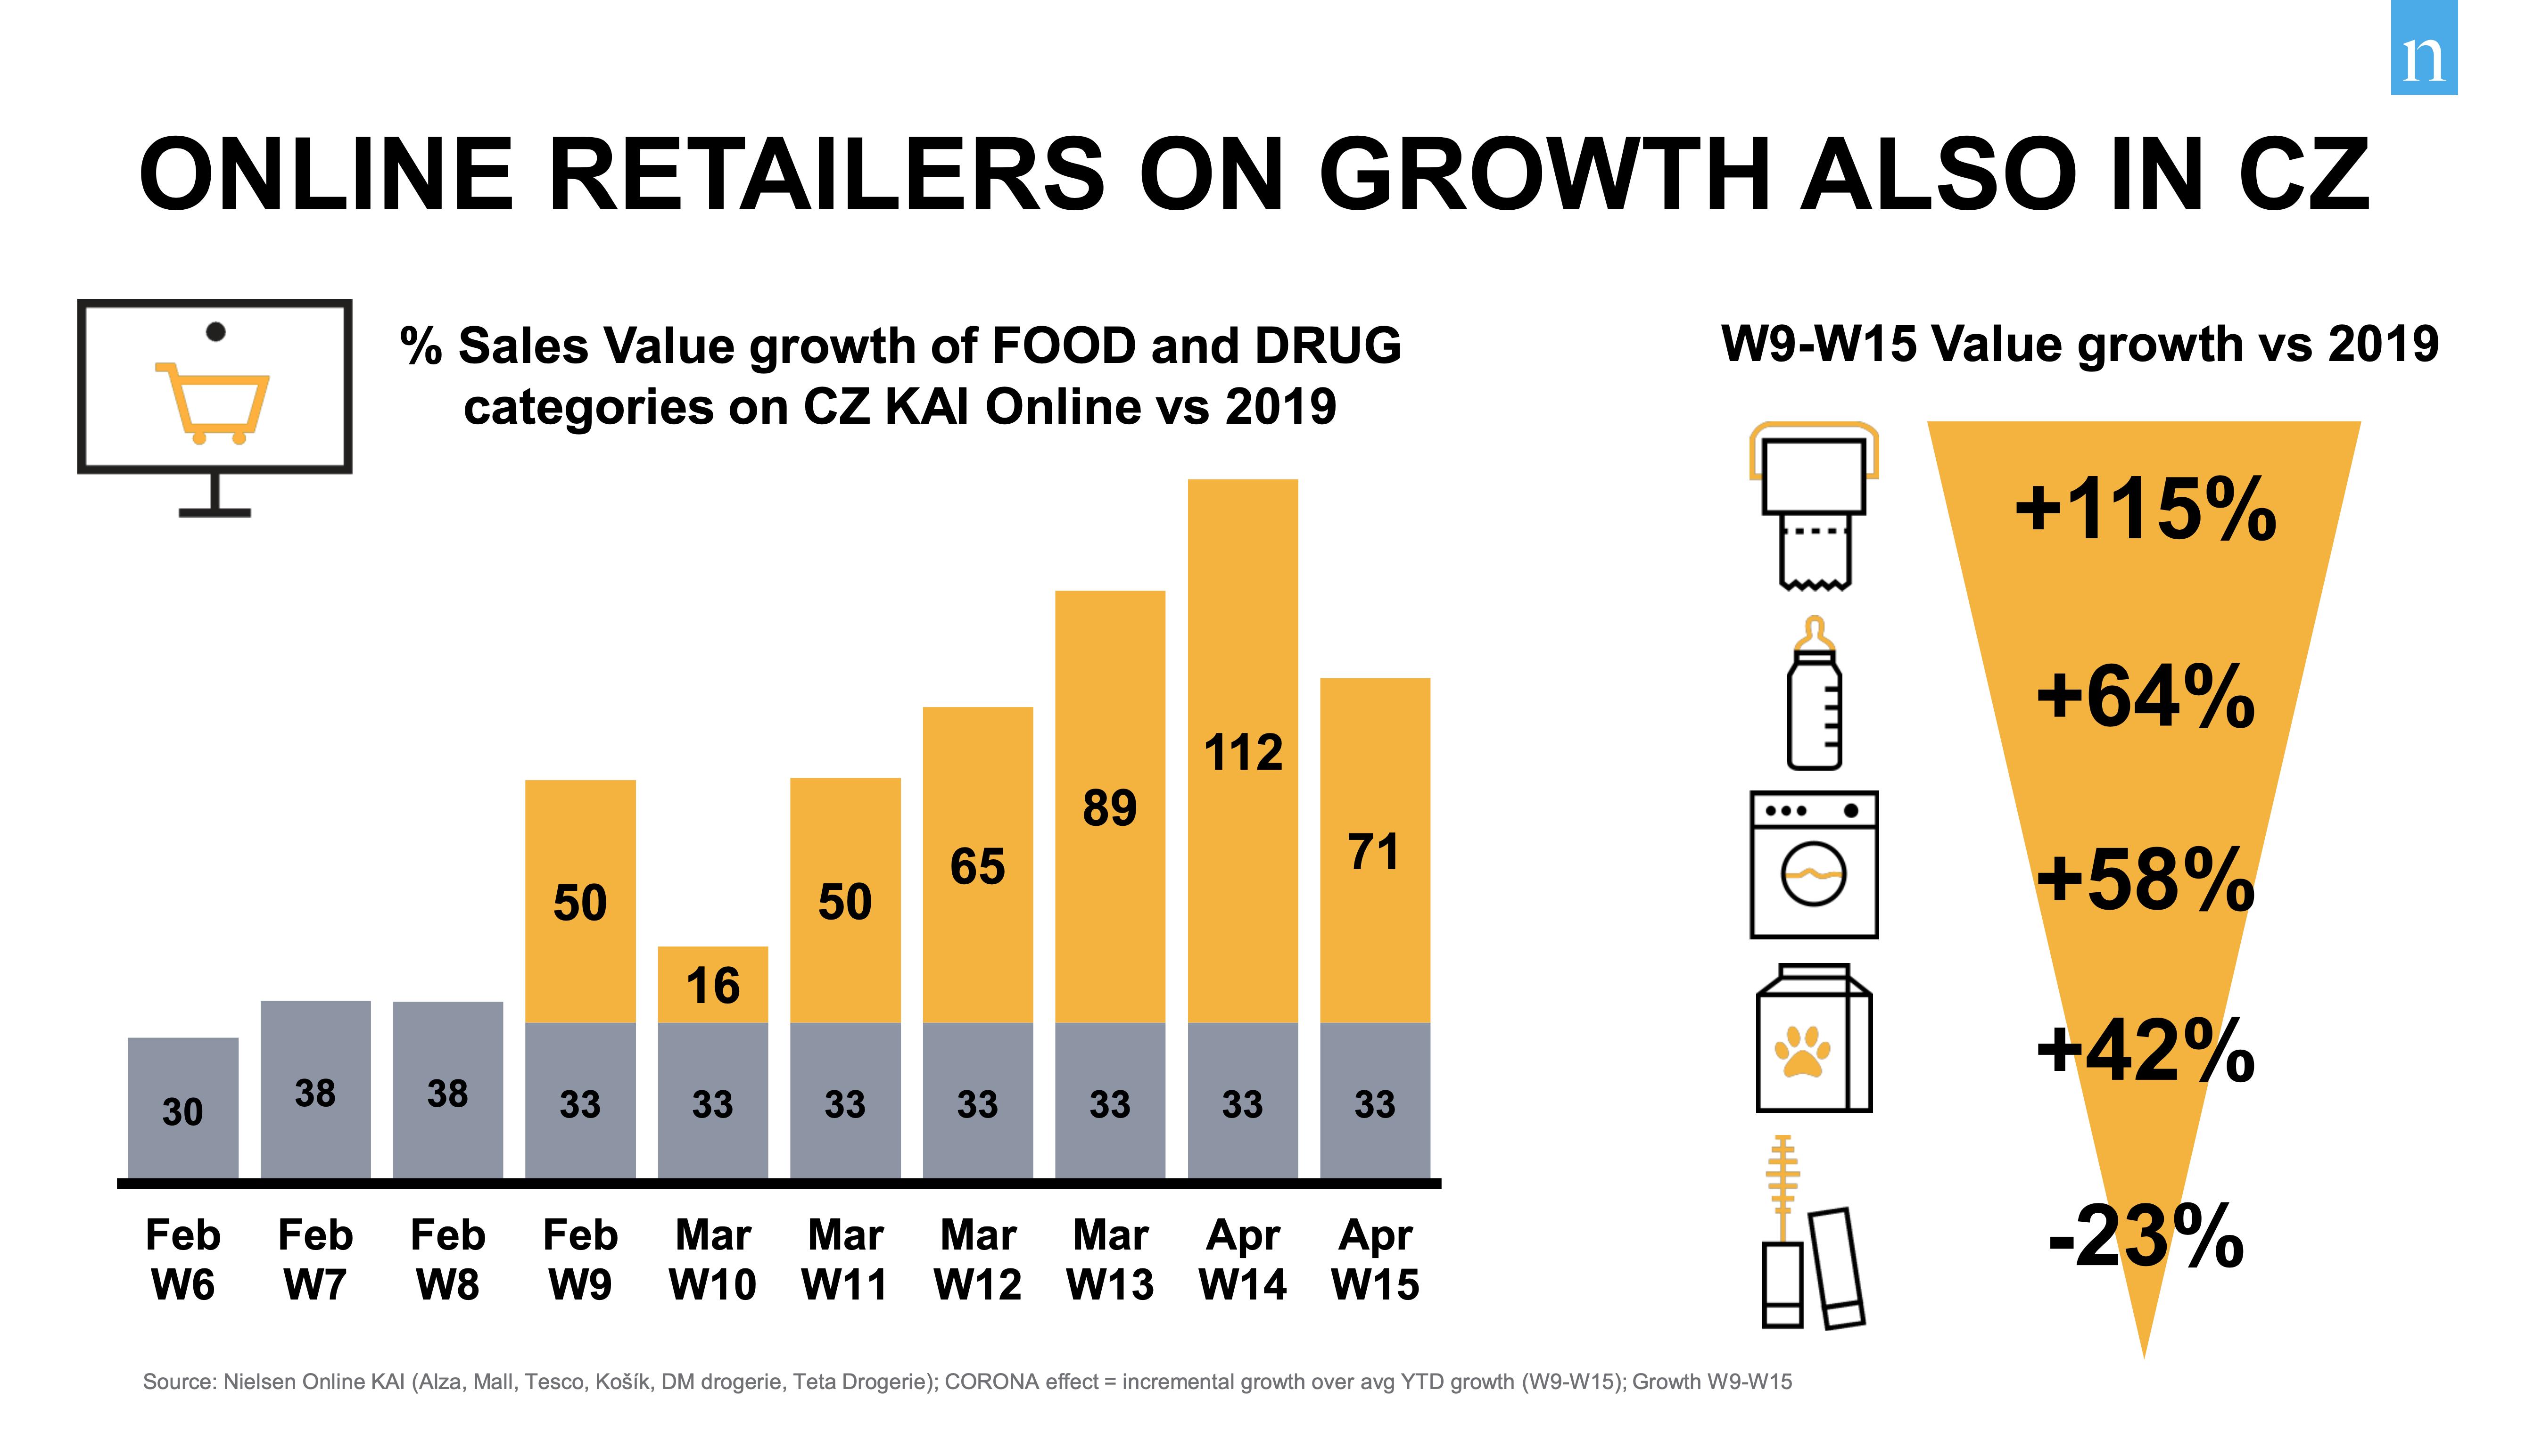 Dopad koronaviru na rozvoj online supermarketů byl zásadní. Díky epidemii vykázaly nečekaný růst o desítky procent. Zdroj: Nielsen